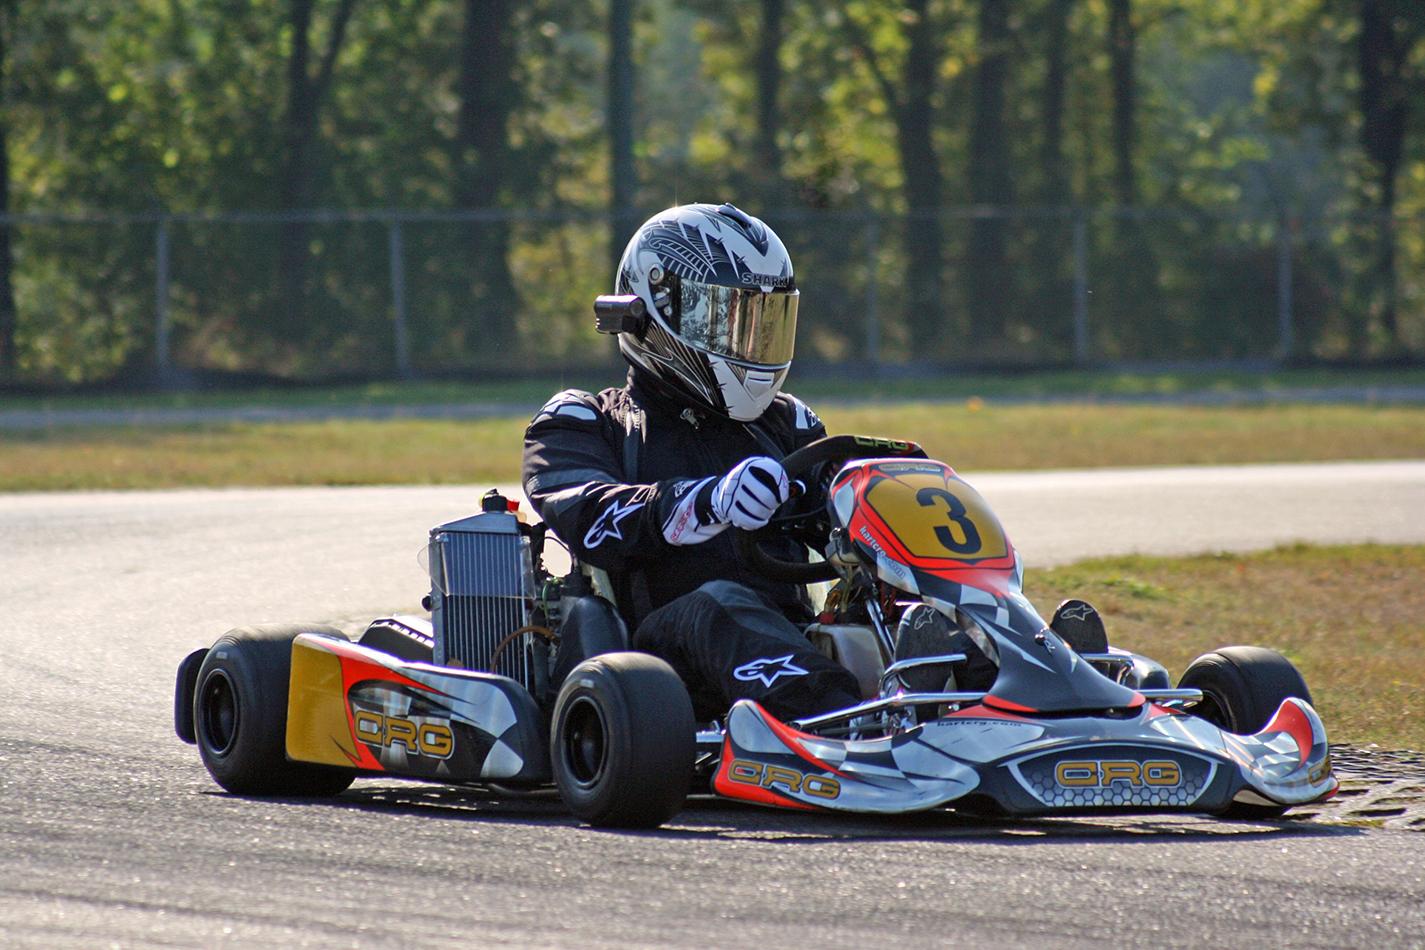 Als een coureur over het circuit!